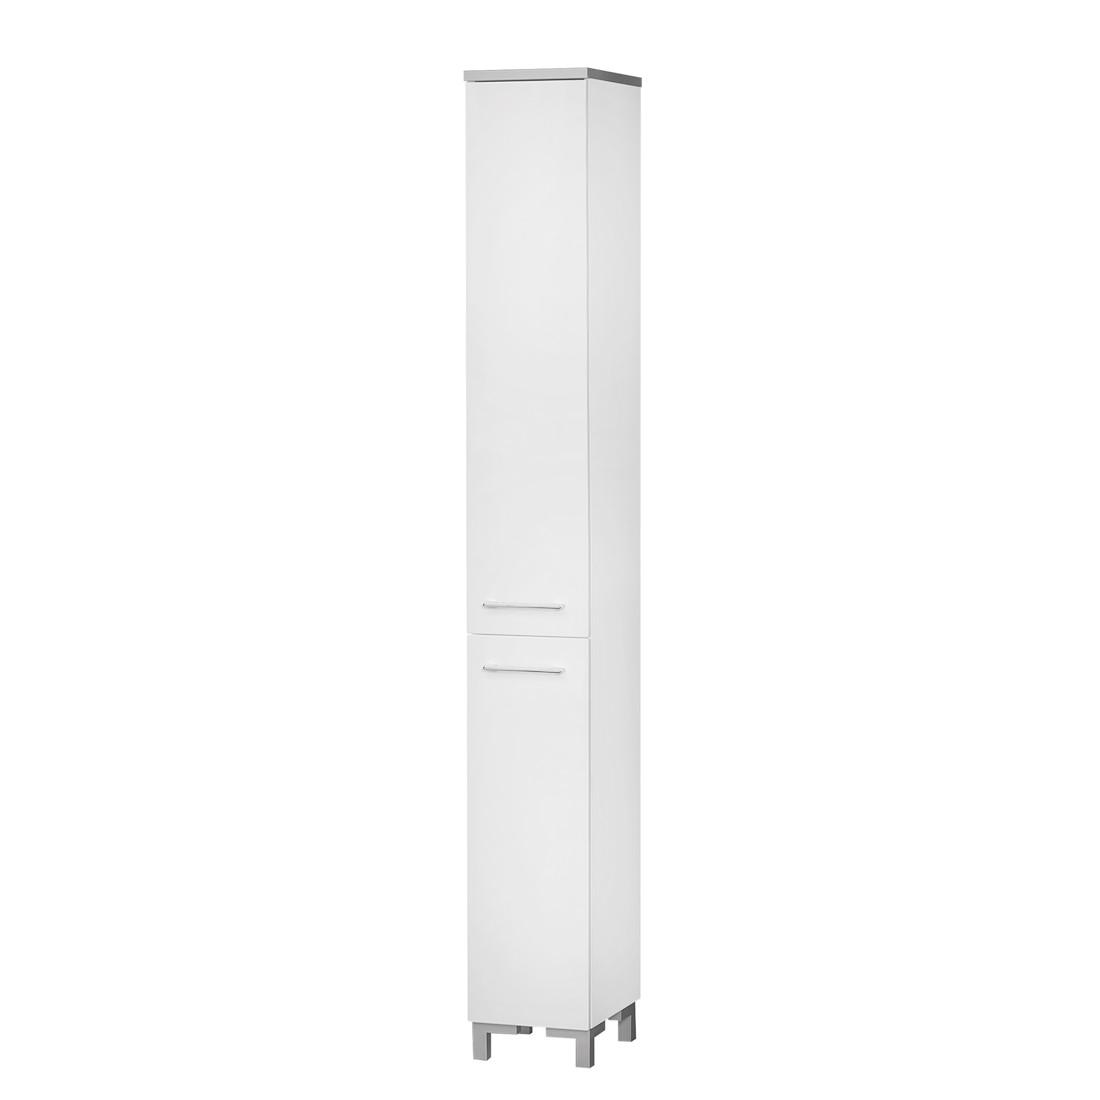 Hochschrank Gela - 2-türig - Weiß hochglanz/Weiß